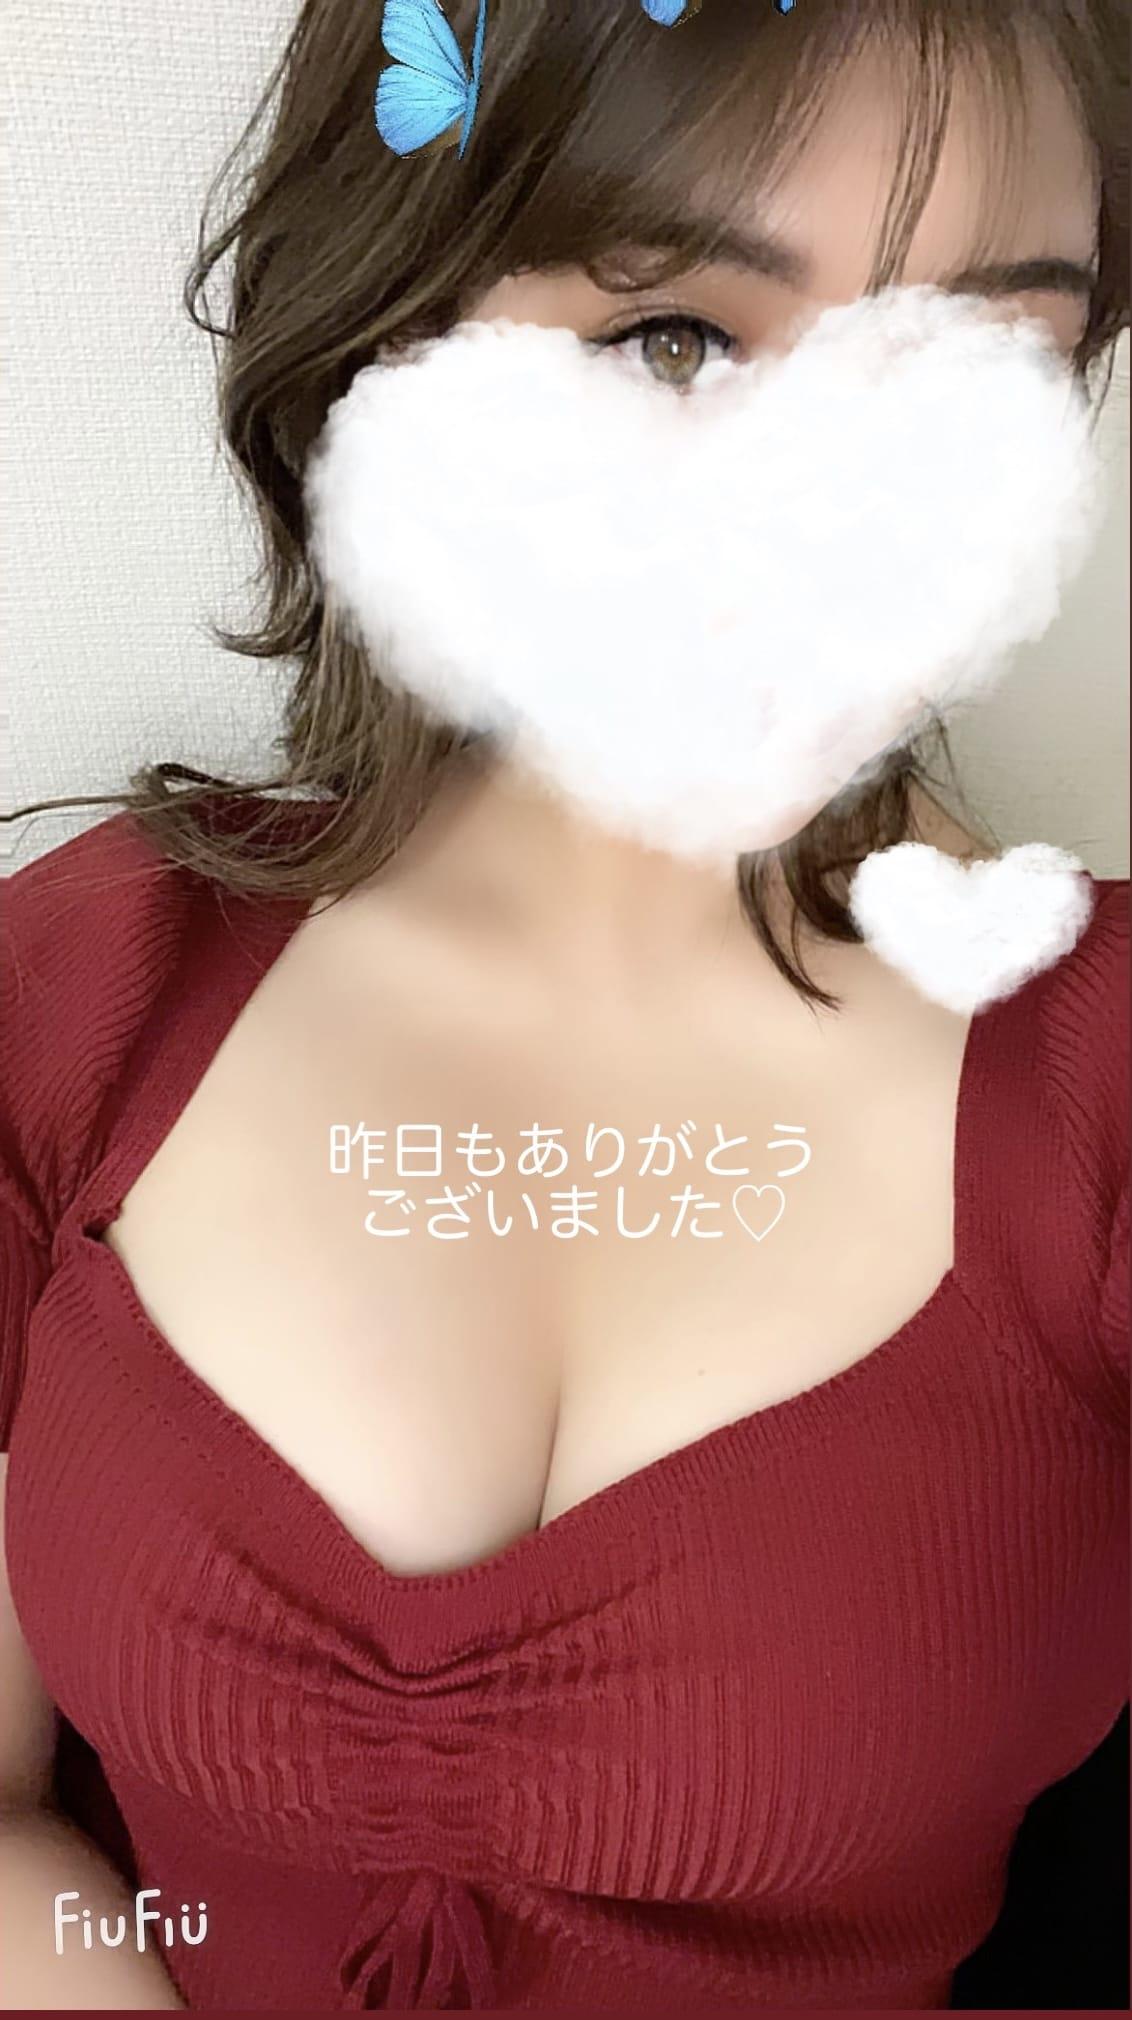 「出勤しました✌︎」10/16(土) 21:58 | さつきの写メ日記